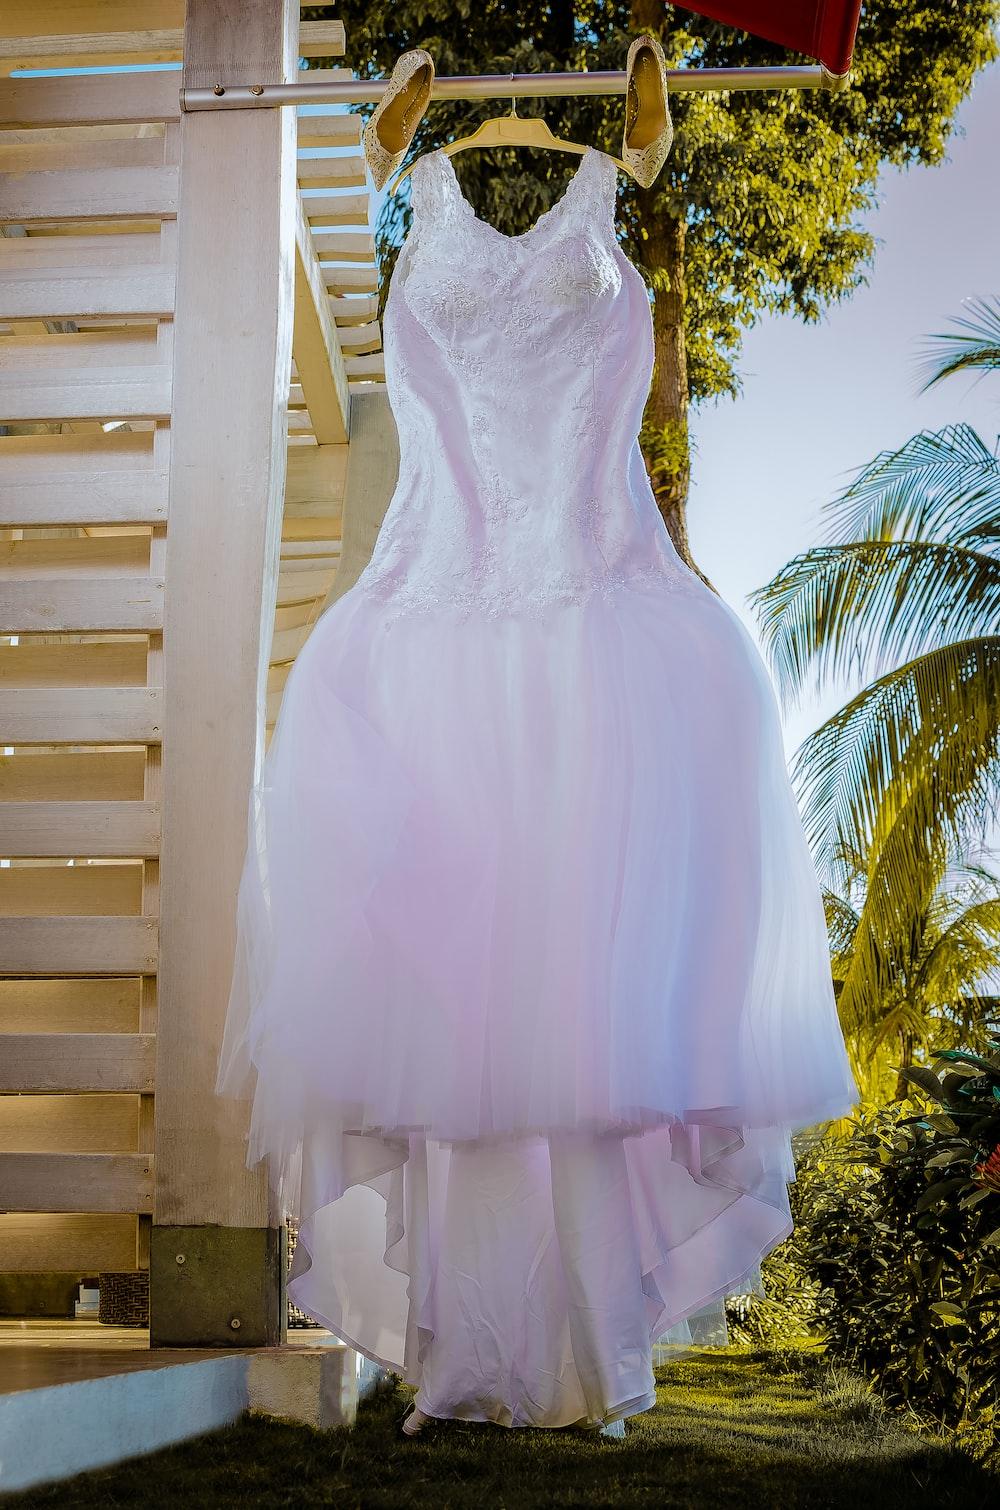 white tank wedding dress hanged